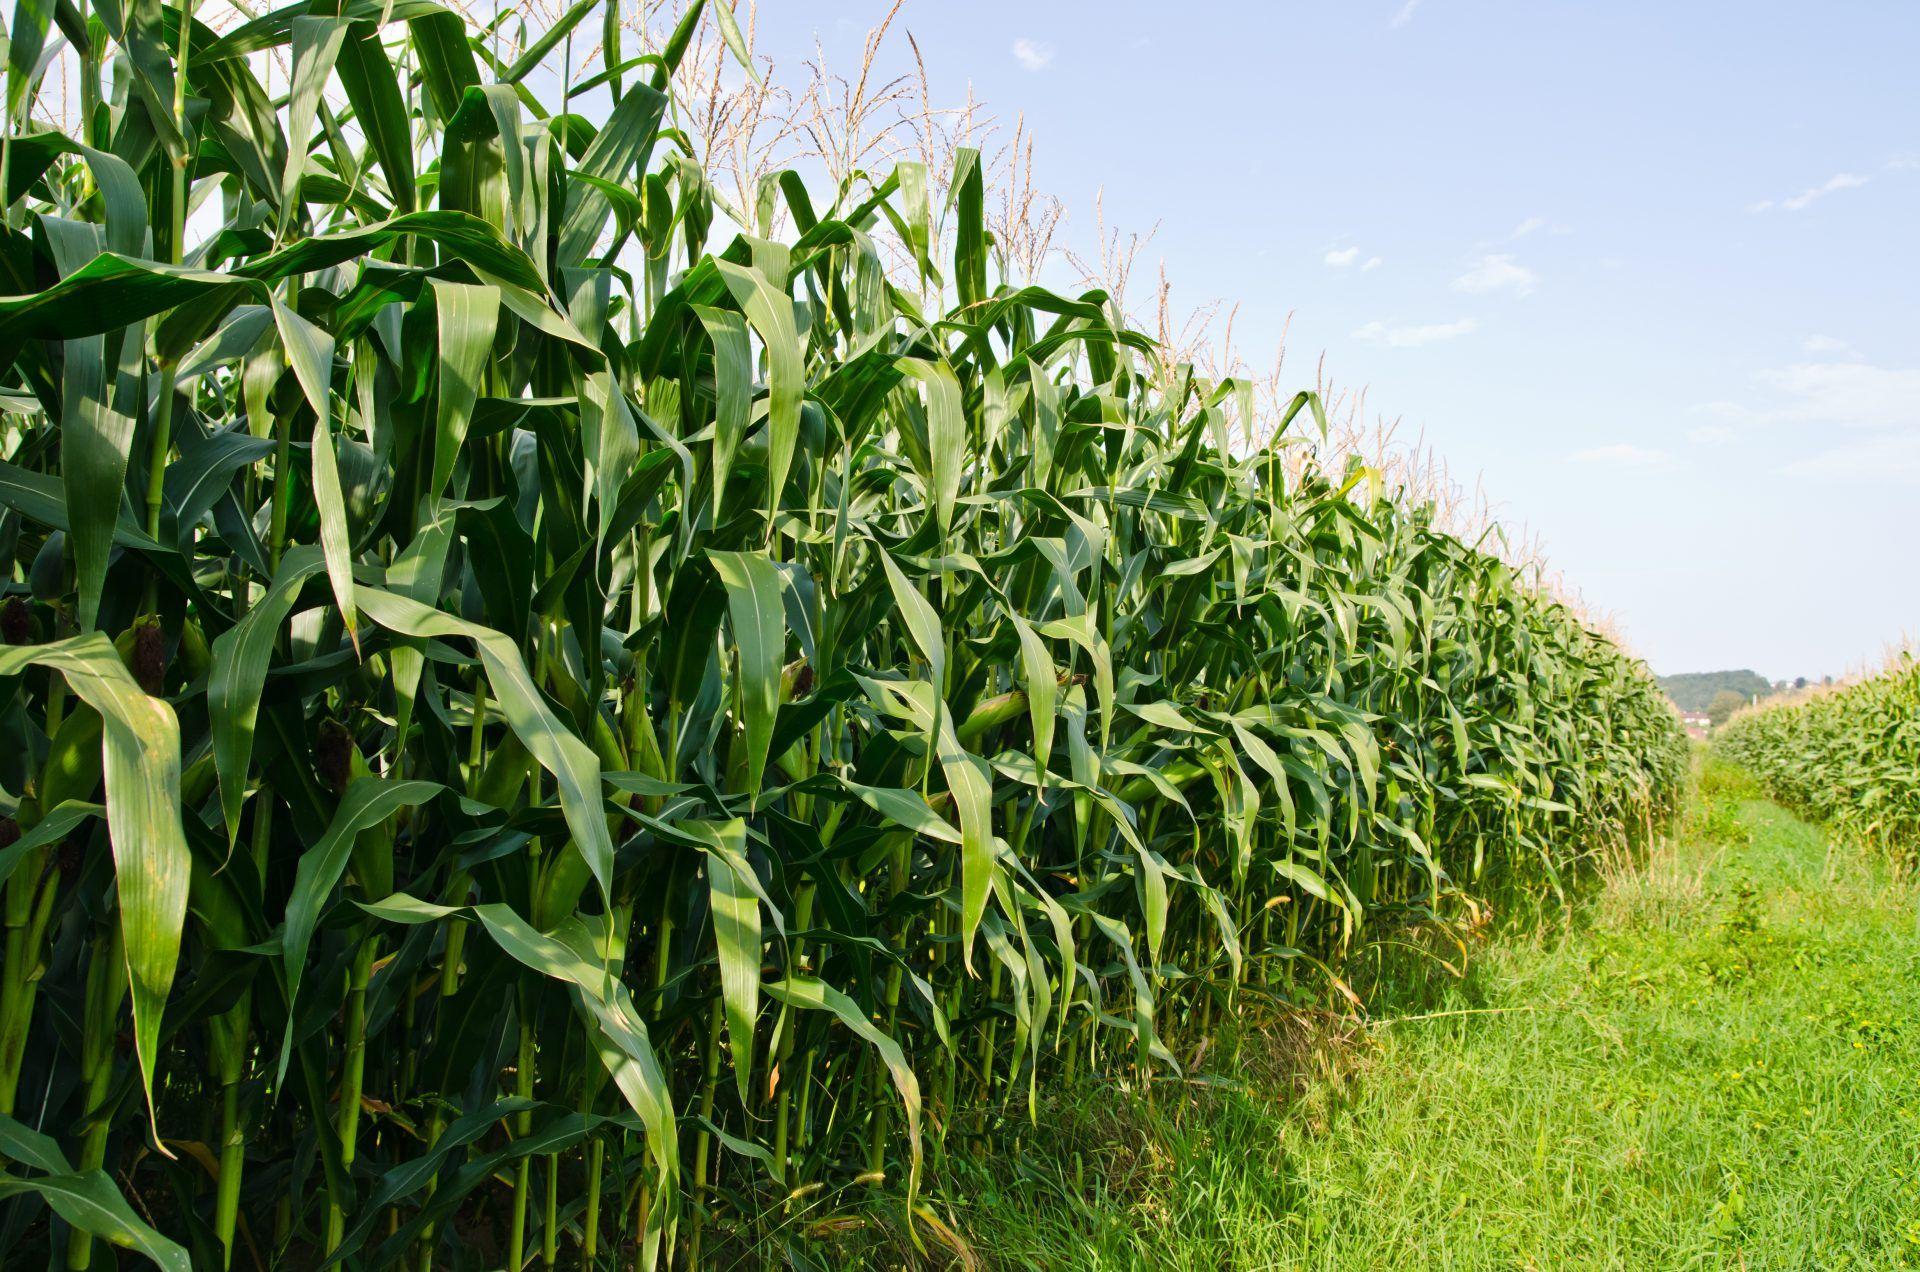 Saiba quais são as principais plantas daninhas do milho